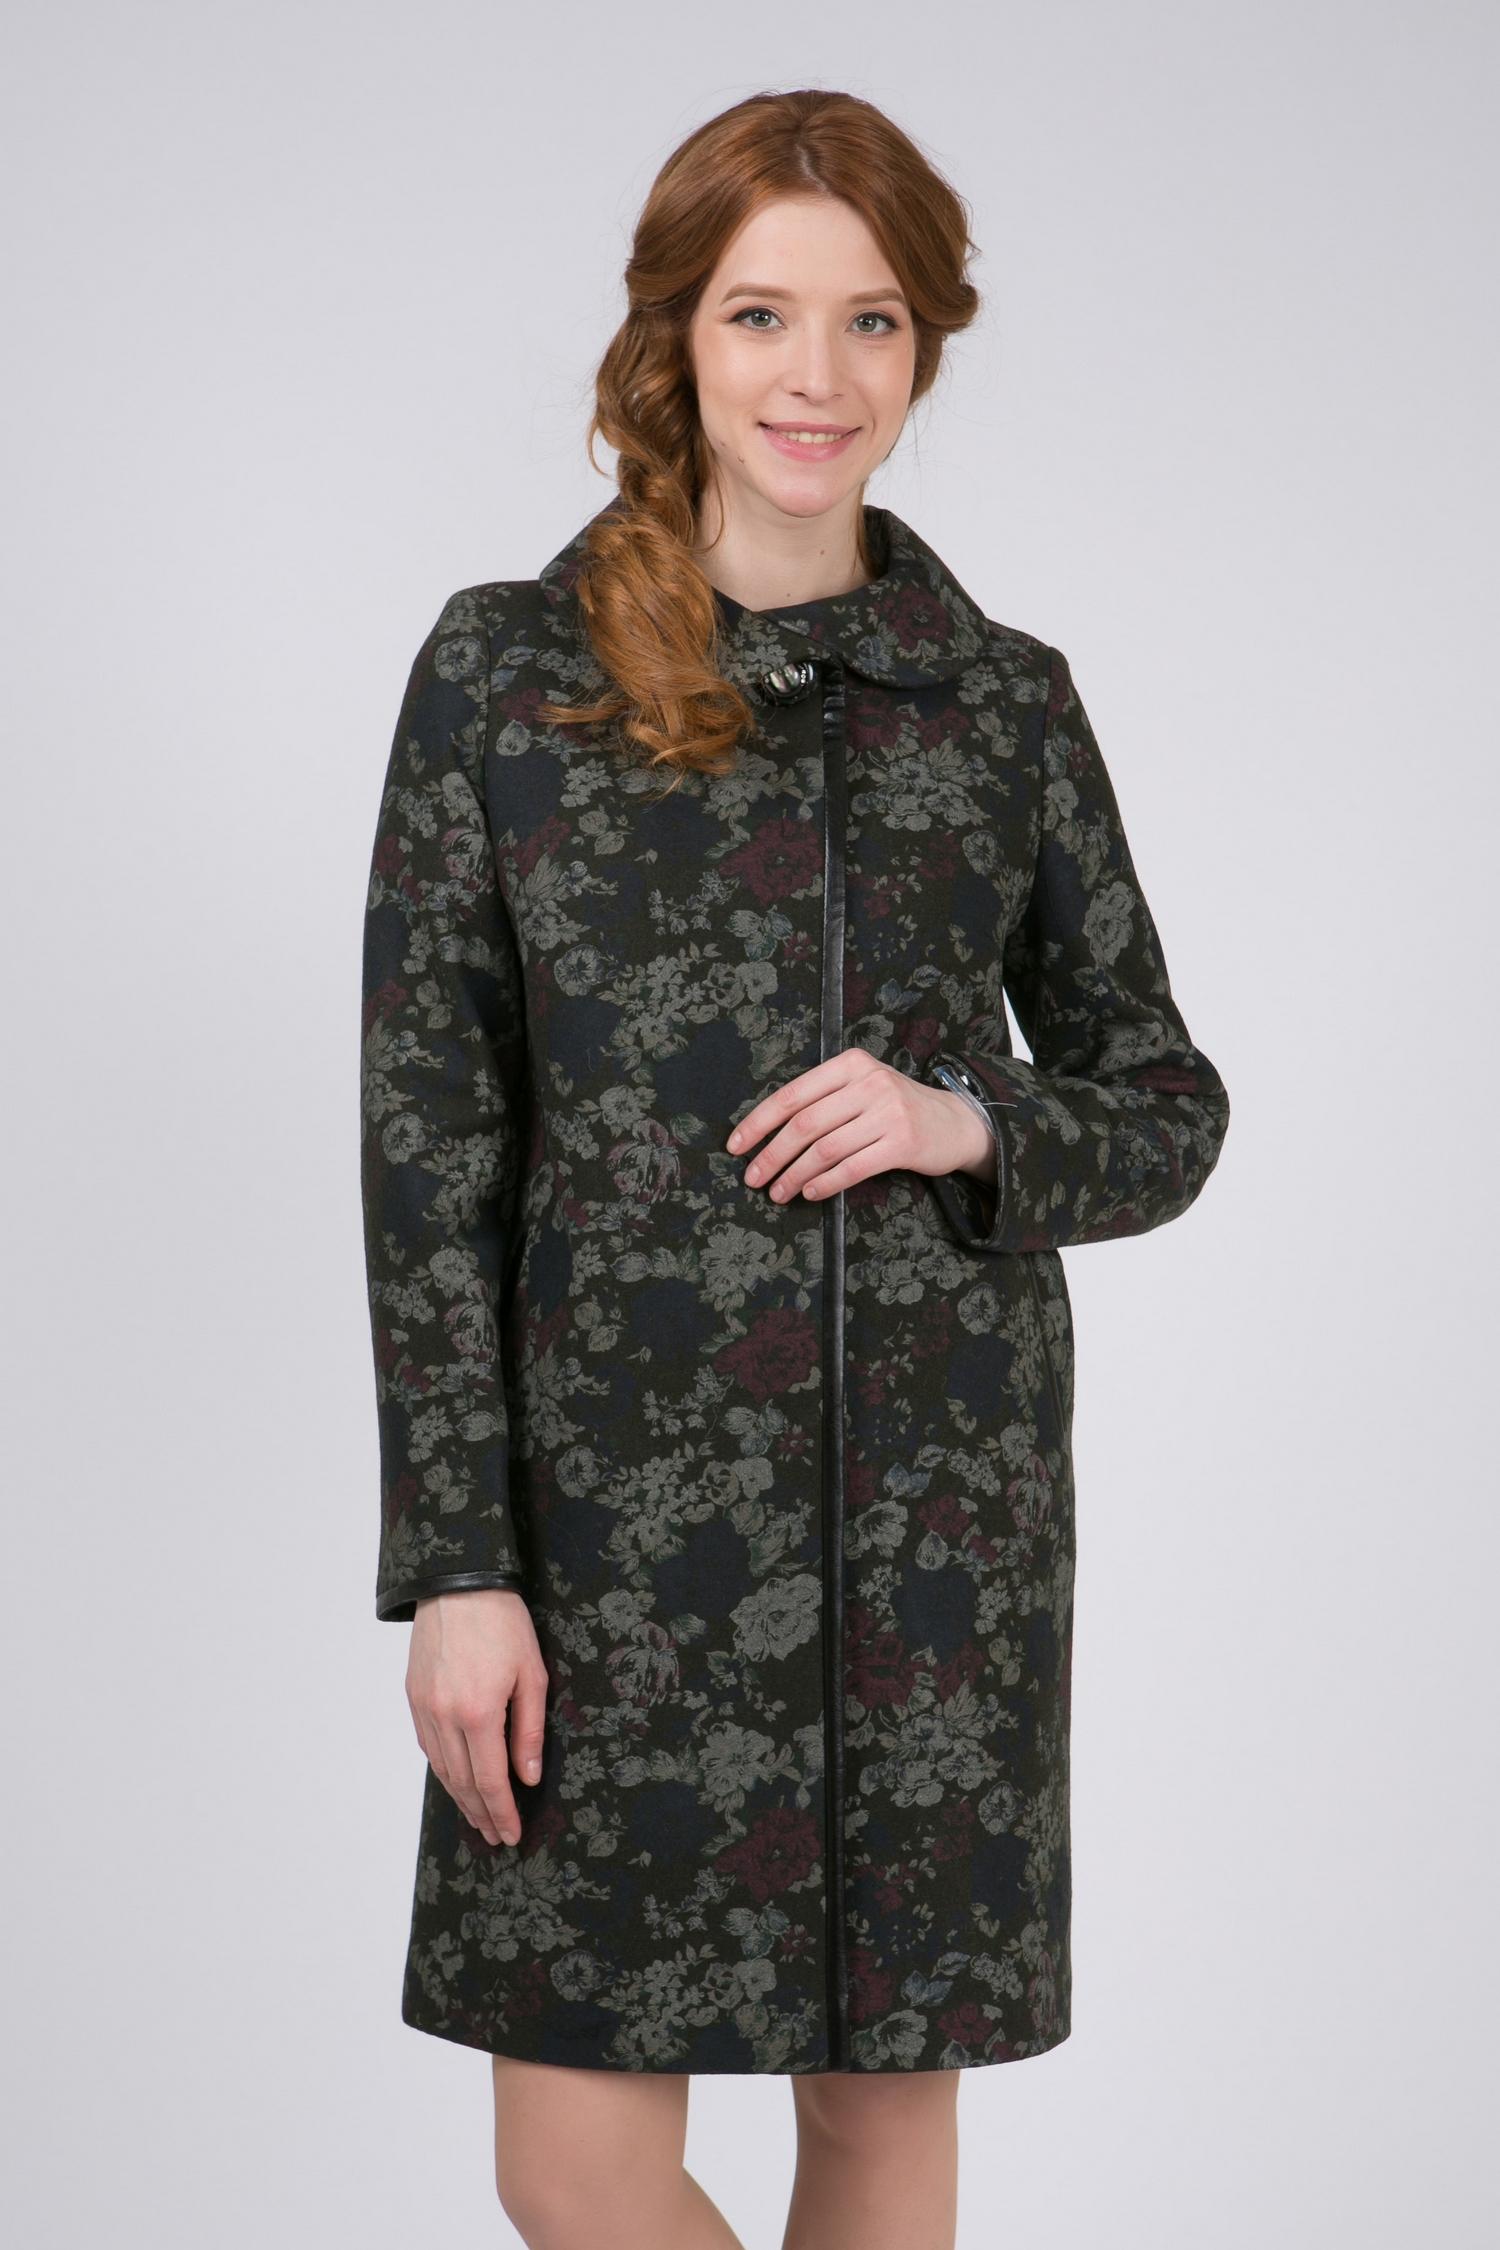 Женское пальто с воротником, без отделки<br><br>Воротник: отложной<br>Длина см: Длинная (свыше 90)<br>Материал: Комбинированный состав<br>Цвет: зеленый<br>Вид застежки: косая<br>Застежка: на кнопки<br>Пол: Женский<br>Размер RU: 56